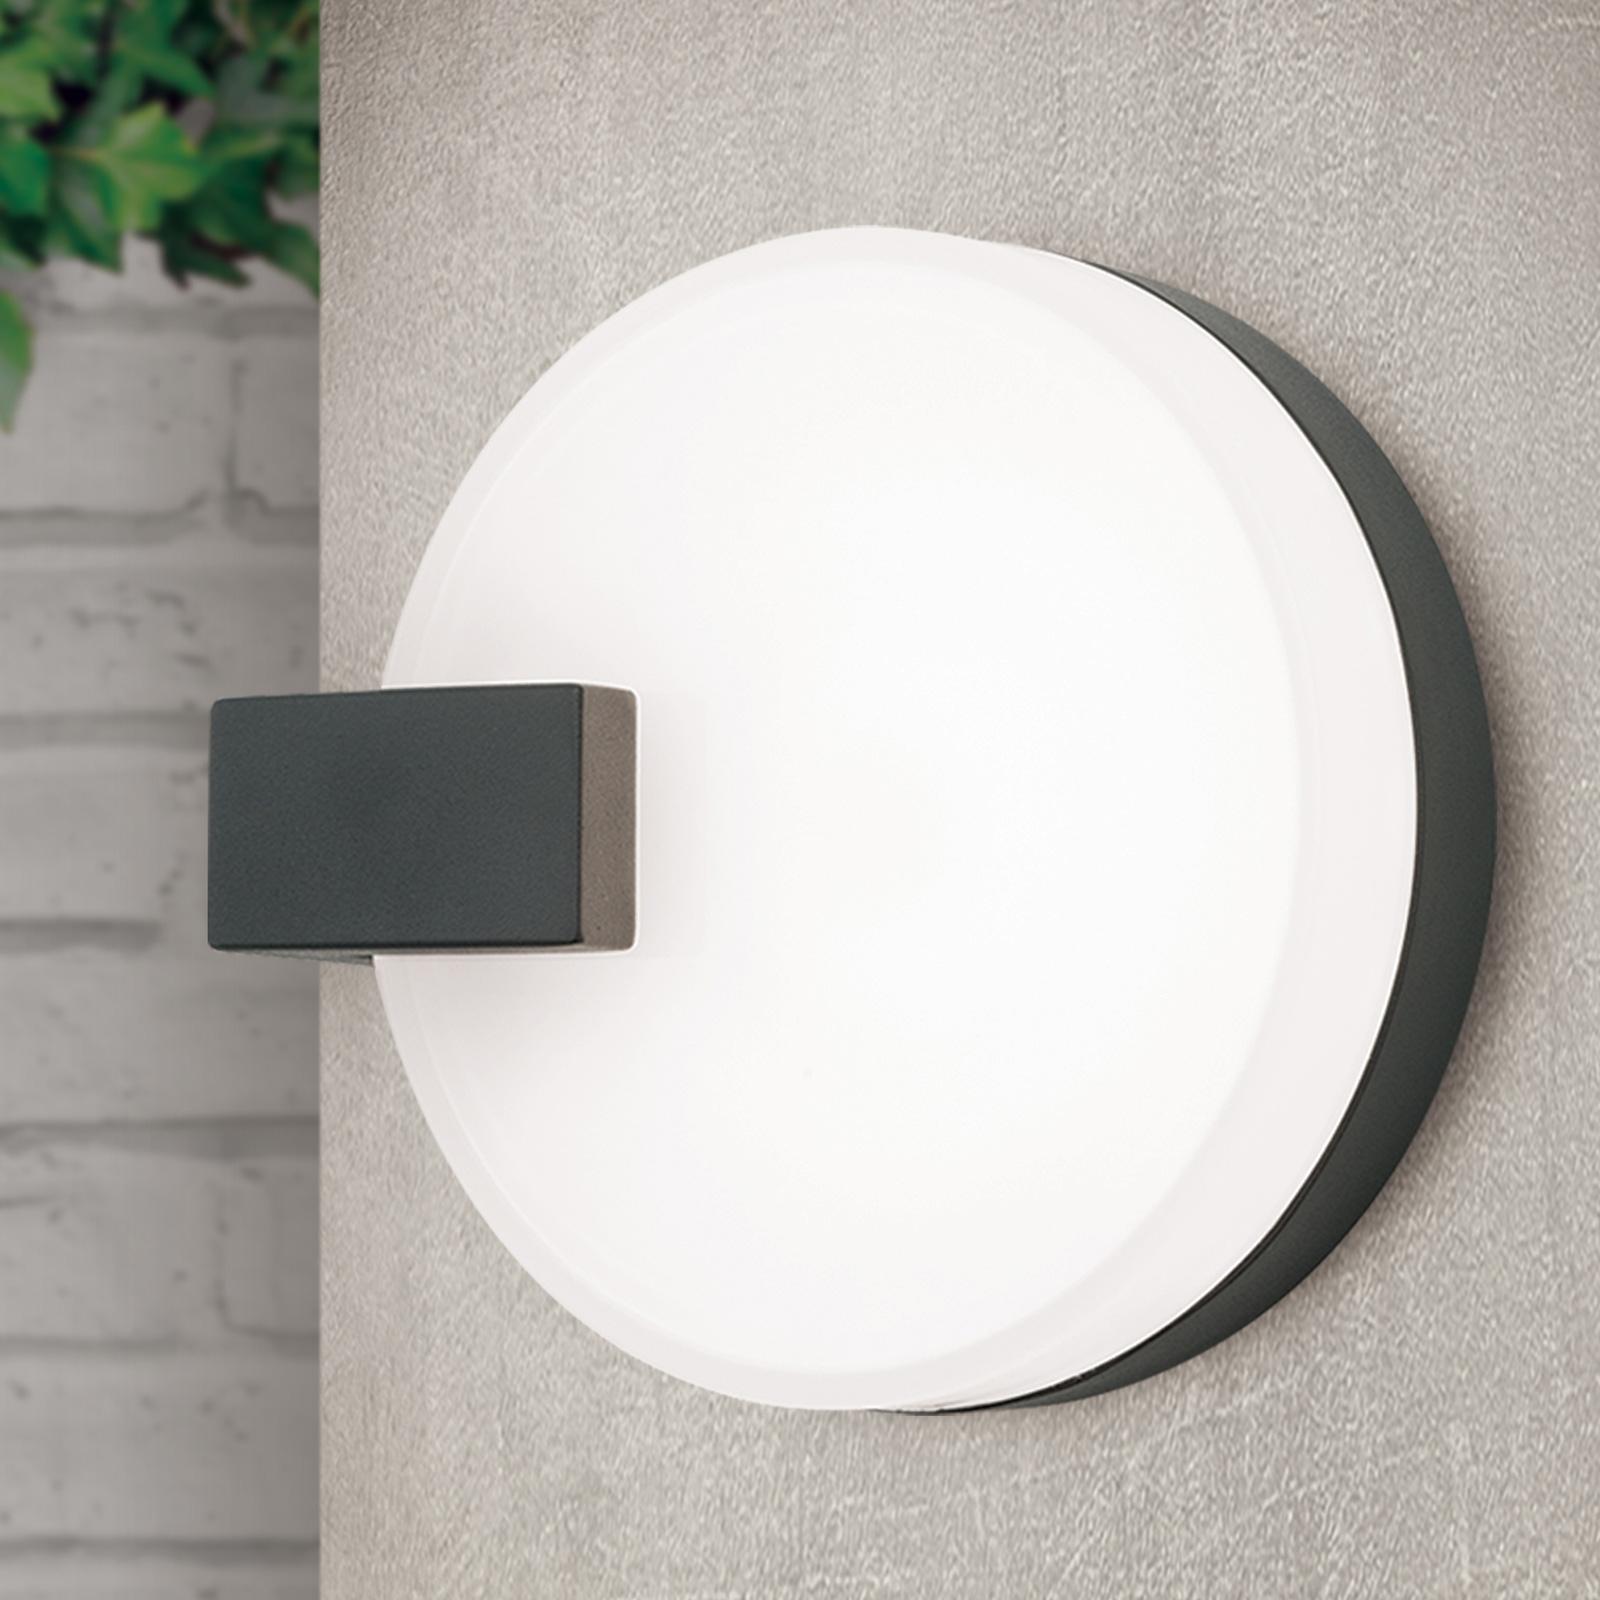 LED-ulkoseinälamppu Astra silumiinivalua